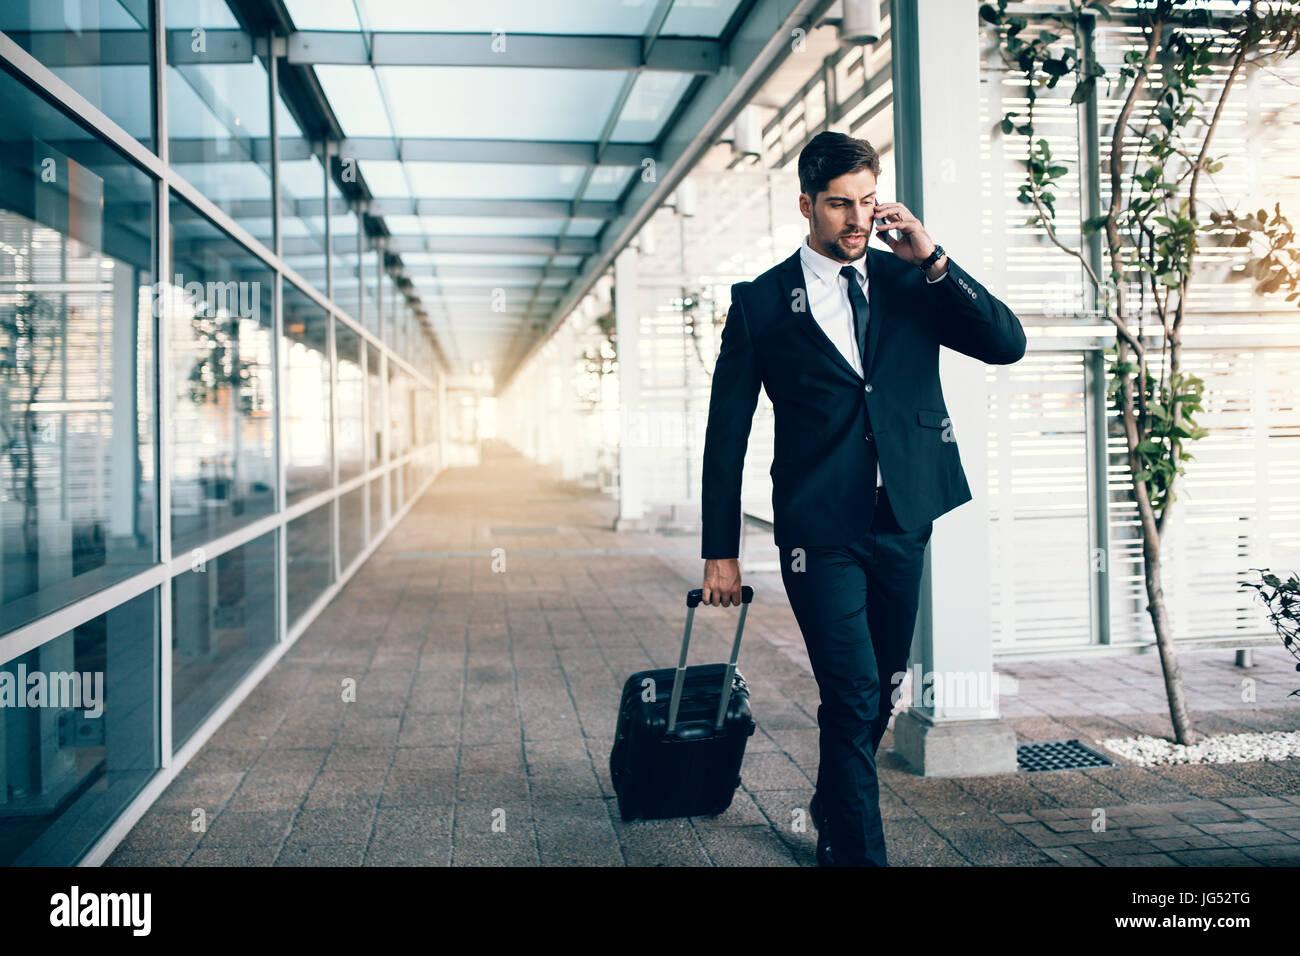 Bel giovane uomo in viaggio d'affari a piedi con il suo bagaglio e parlando al cellulare all'aeroporto. Immagini Stock